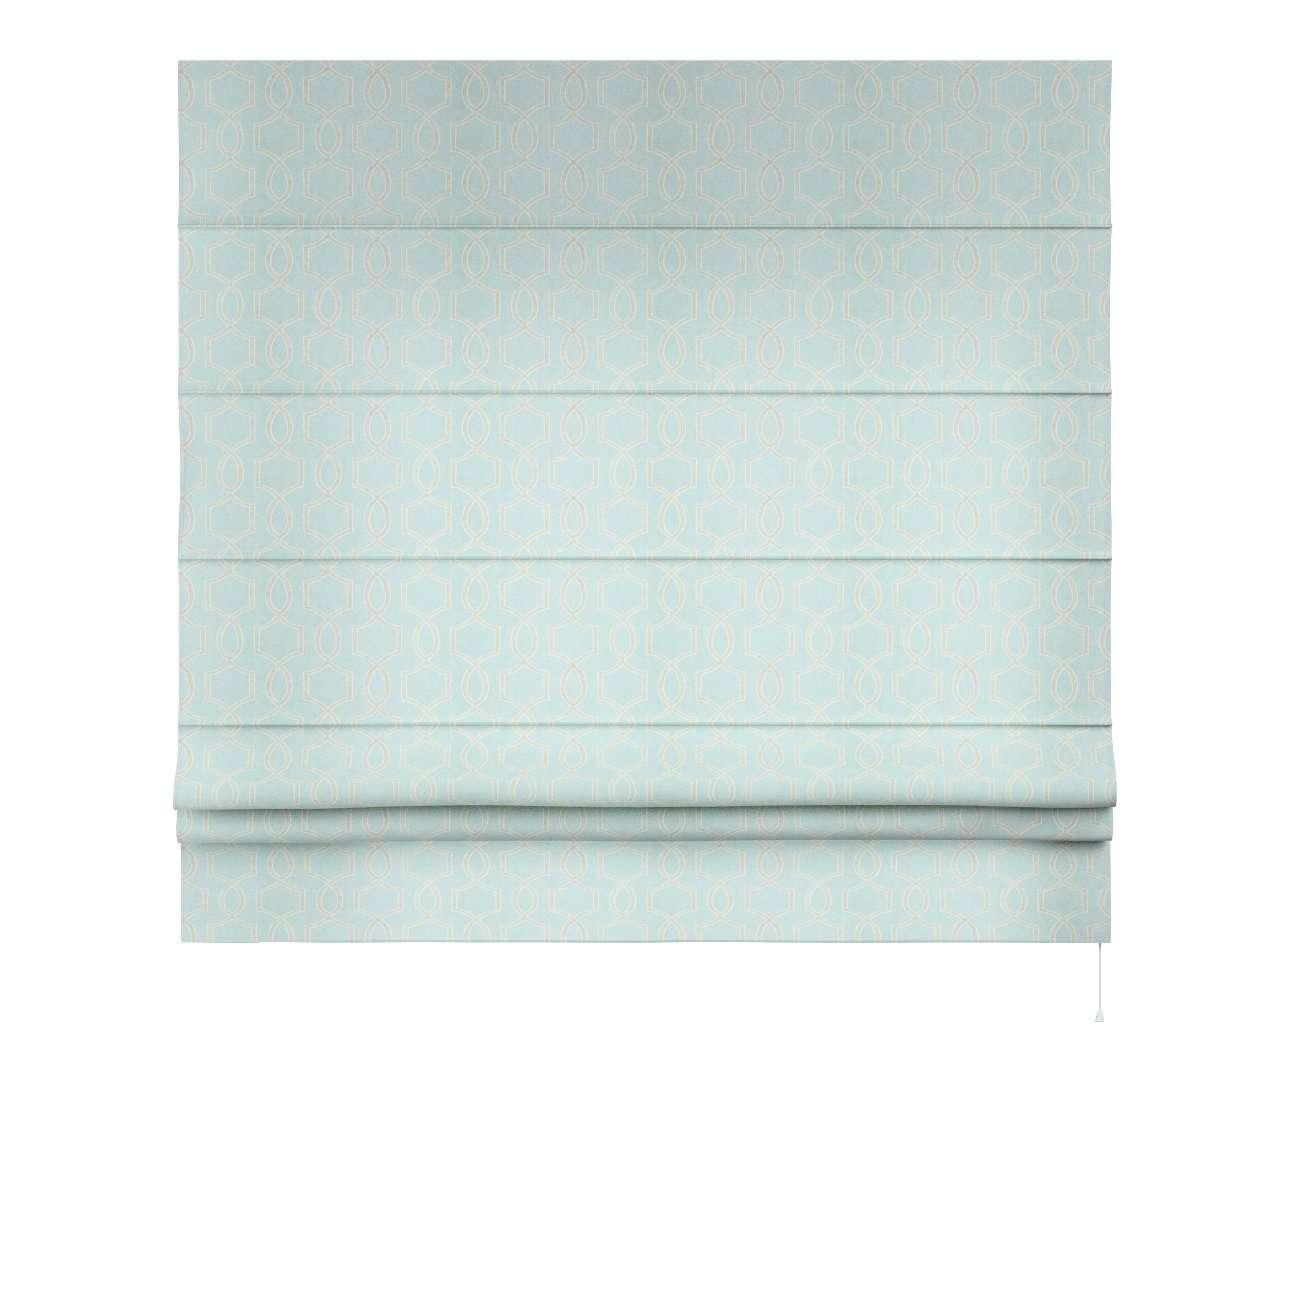 Romanetės Padva 80 x 170 cm (plotis x ilgis) kolekcijoje Comics Prints, audinys: 141-24